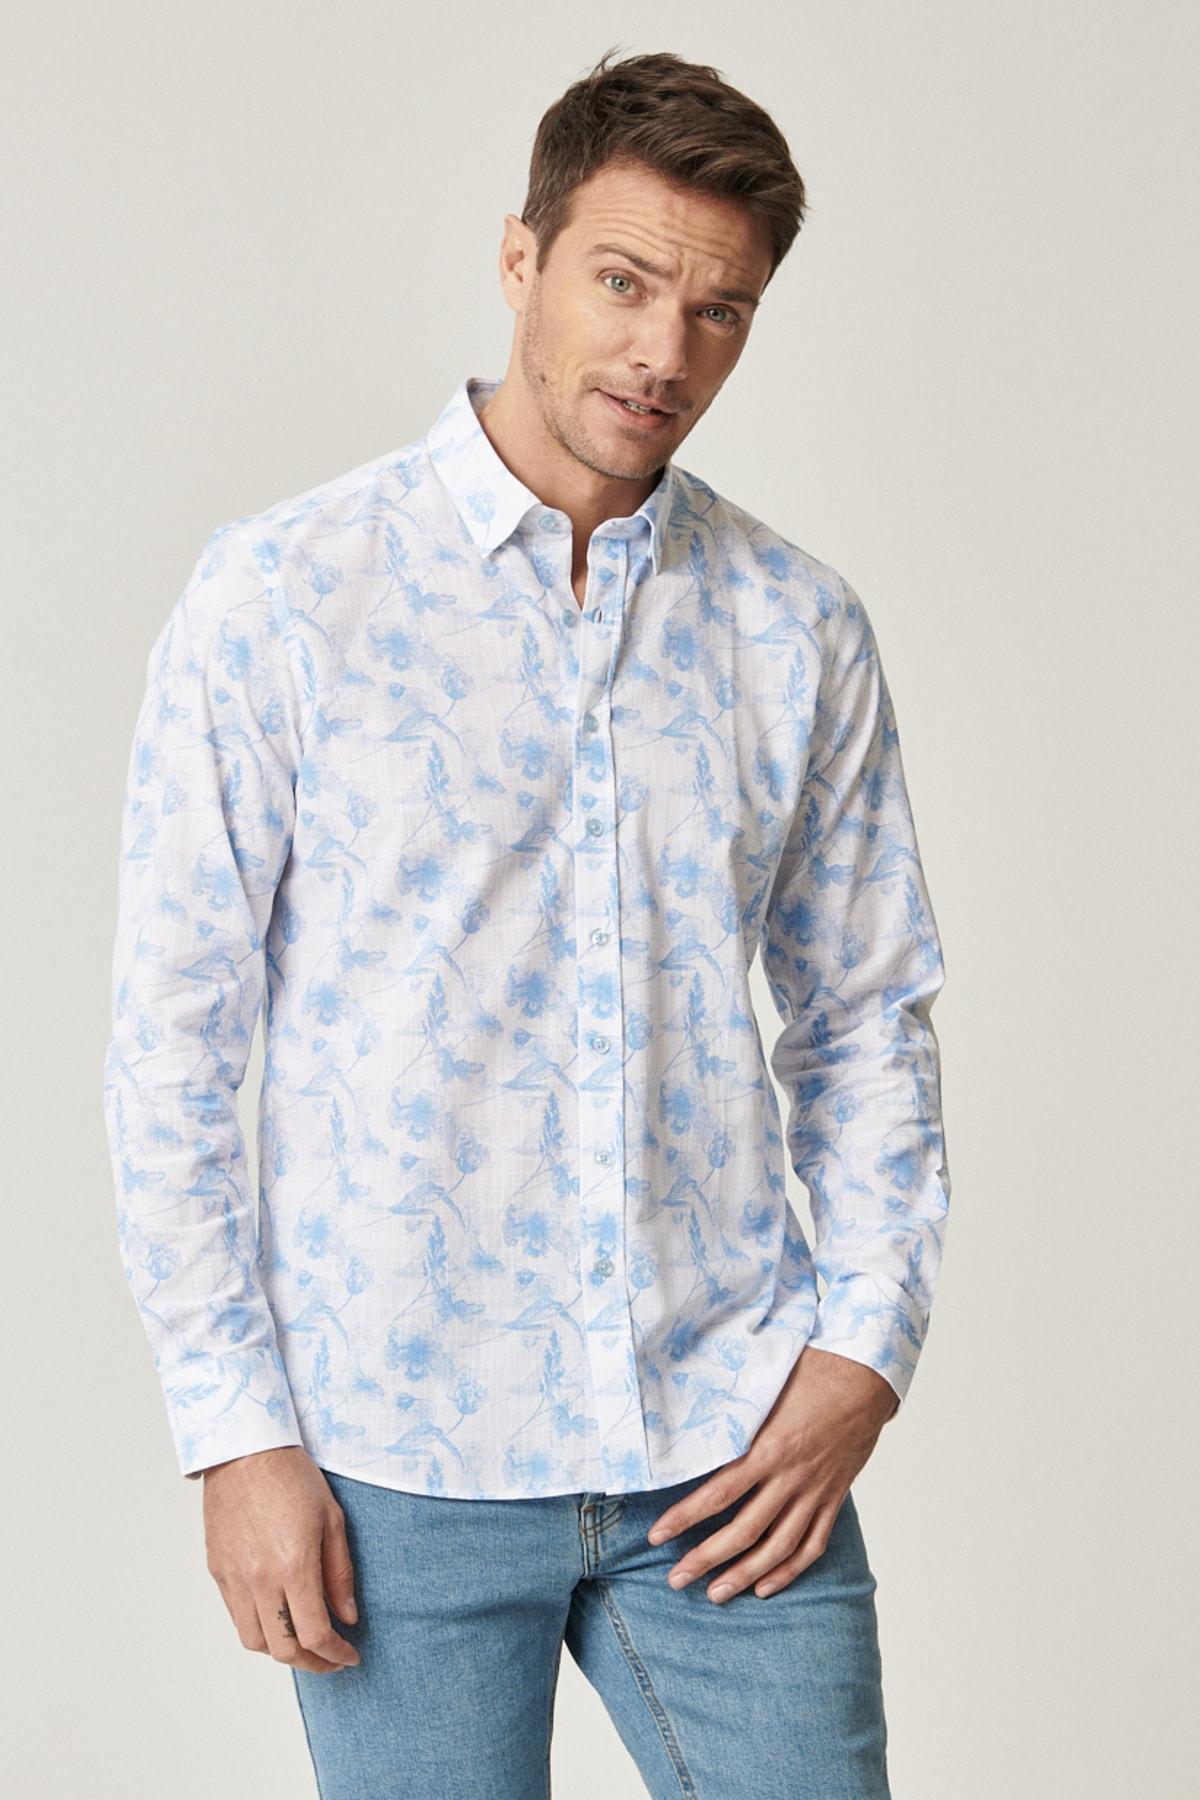 ALTINYILDIZ CLASSICS Erkek Beyaz-Mavi Baskılı Düğmeli Yaka Tailored Slim Fit Gömlek 2